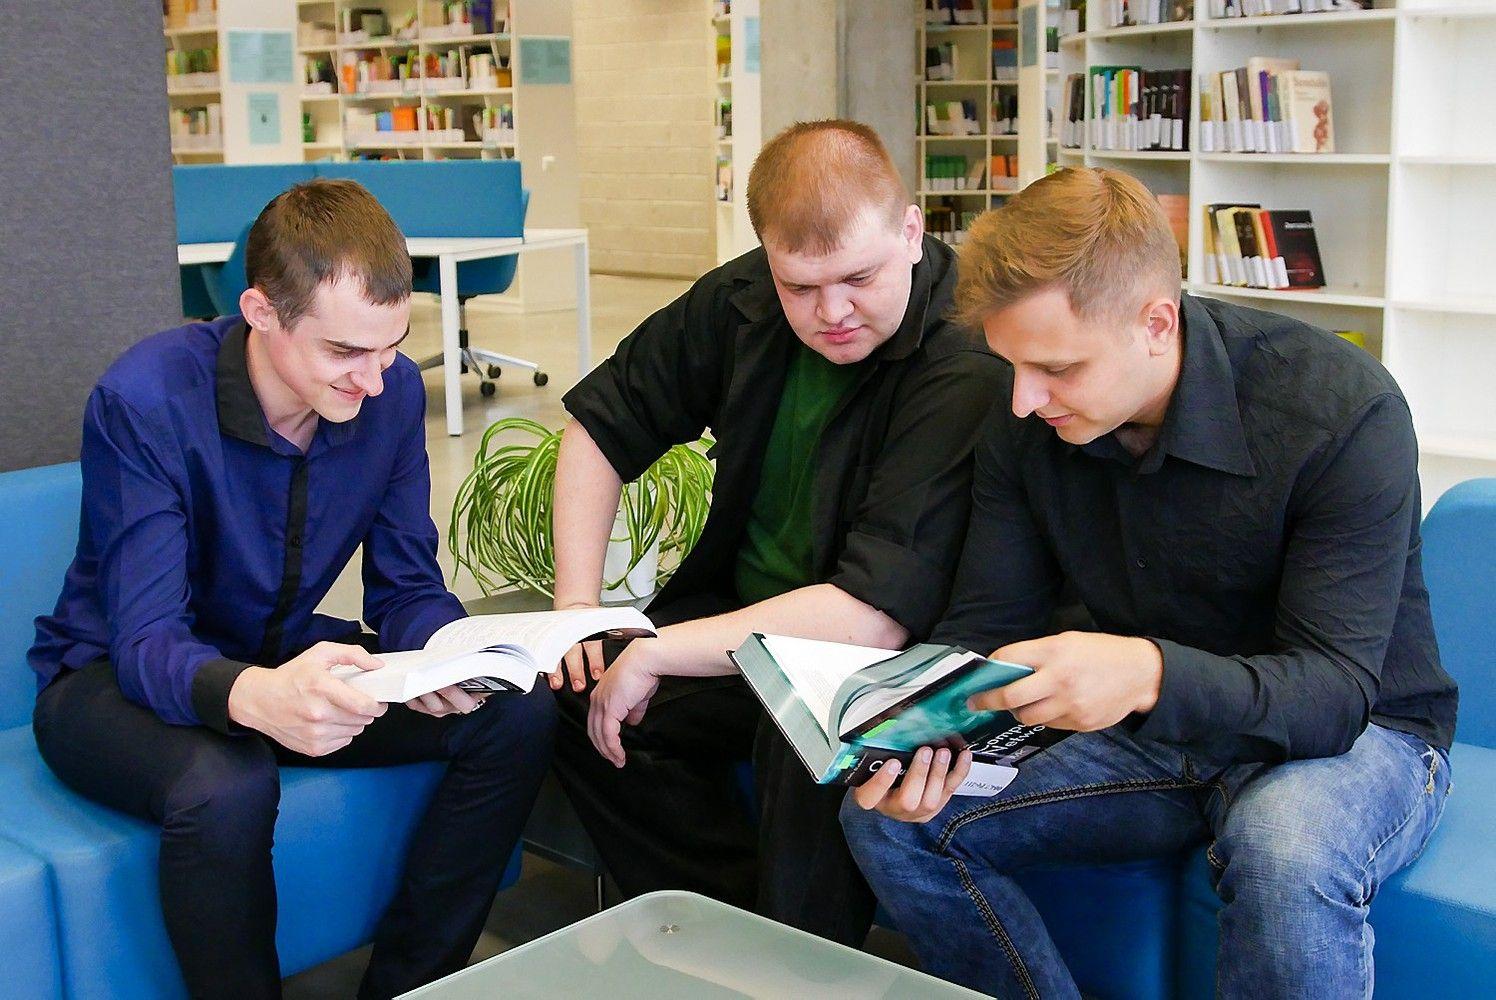 Jauni tyrėjai siūlo sprendimą, kaip įvesti tvarką įmonės sandėlyje